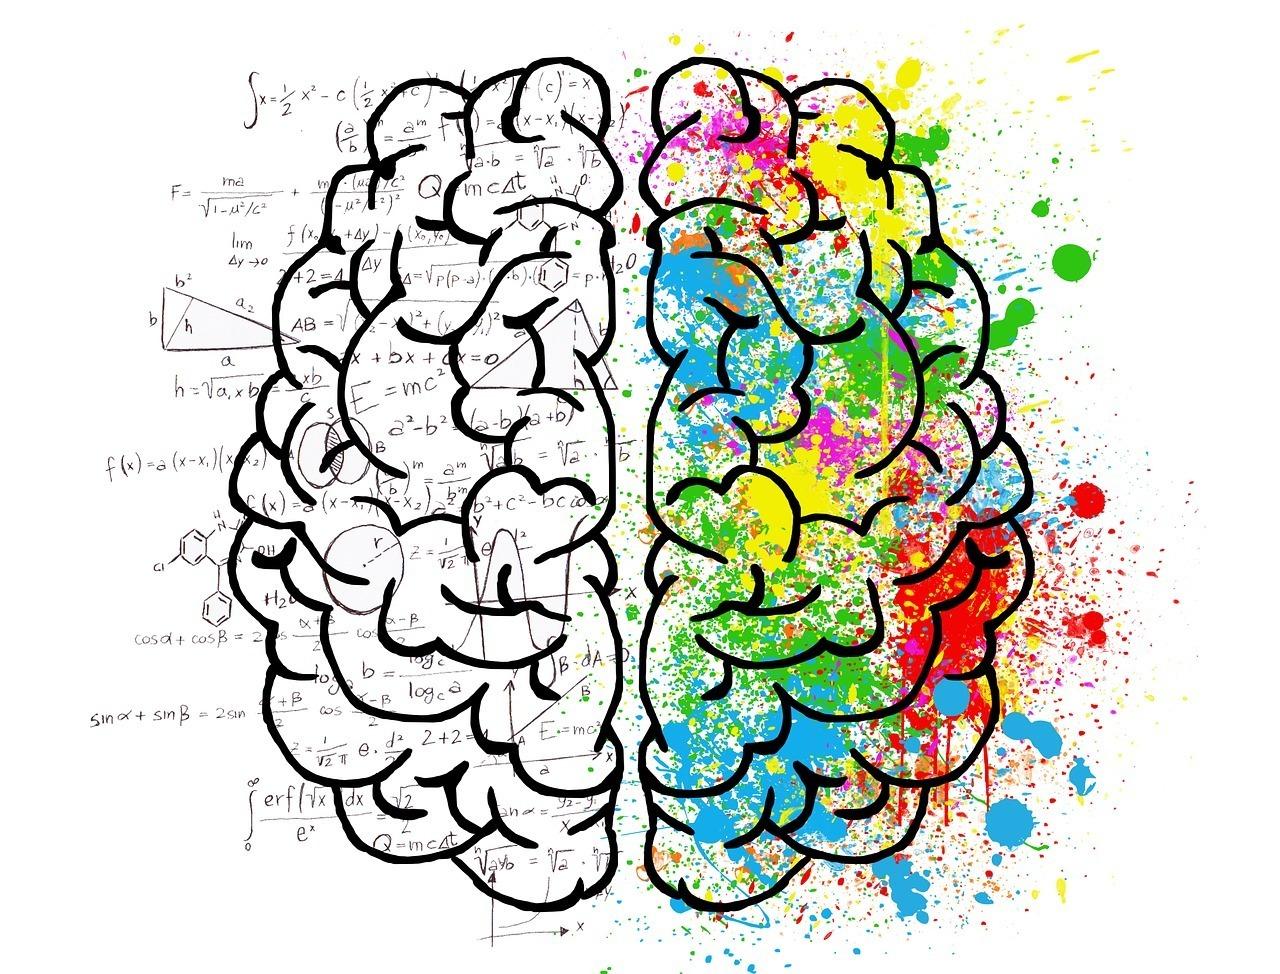 28e59ad76 ¿Quieres conocer otra forma de aprender más visual y creativa